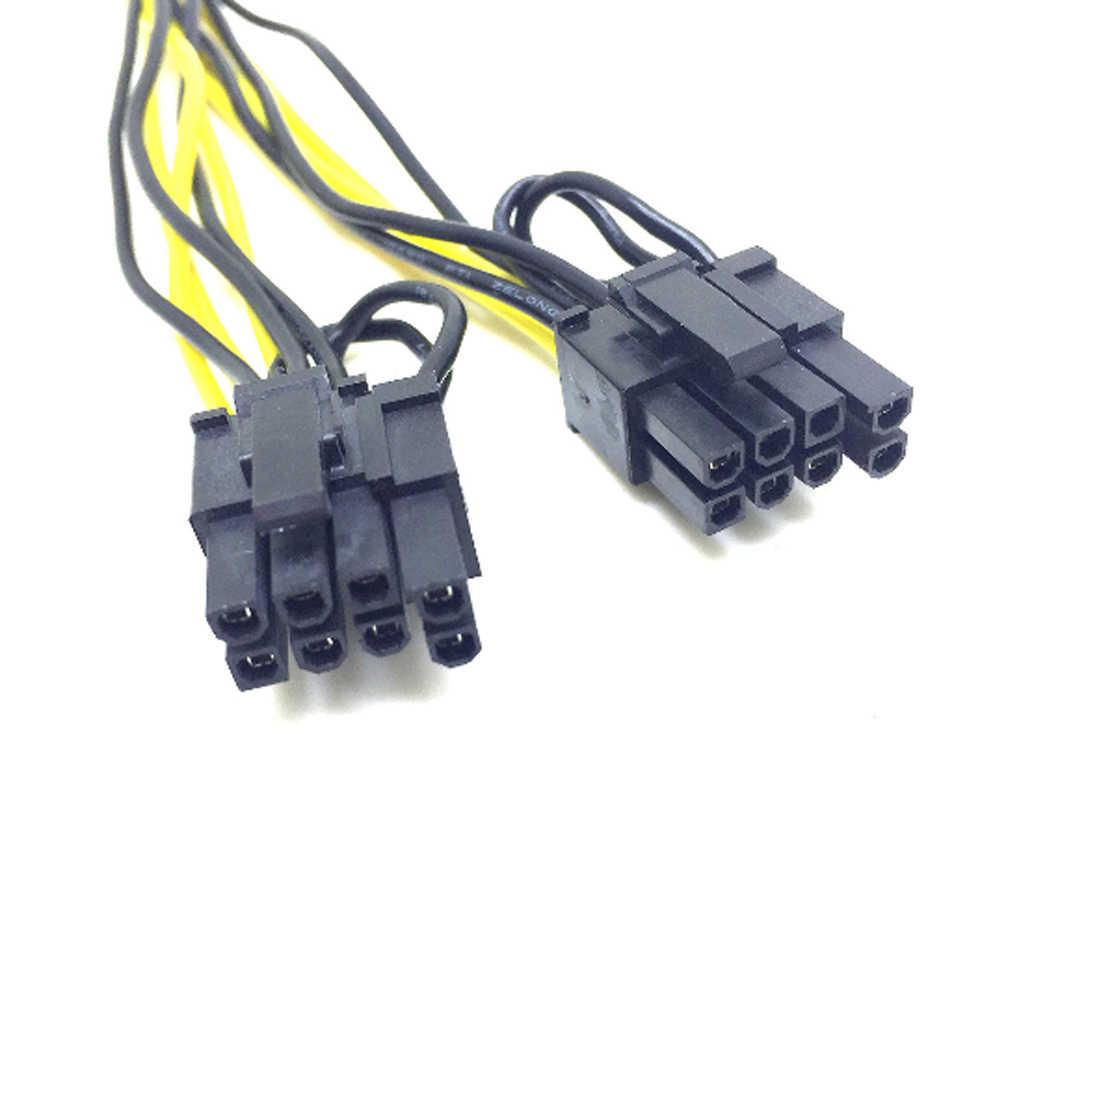 Marsnaska 6 دبوس PCI express ل 2 x بكيي 8 (6 + 2) دبوس اللوحة الرسومات فيديو بطاقة PCI-e GPU VGA الخائن Hub الطاقة كابل